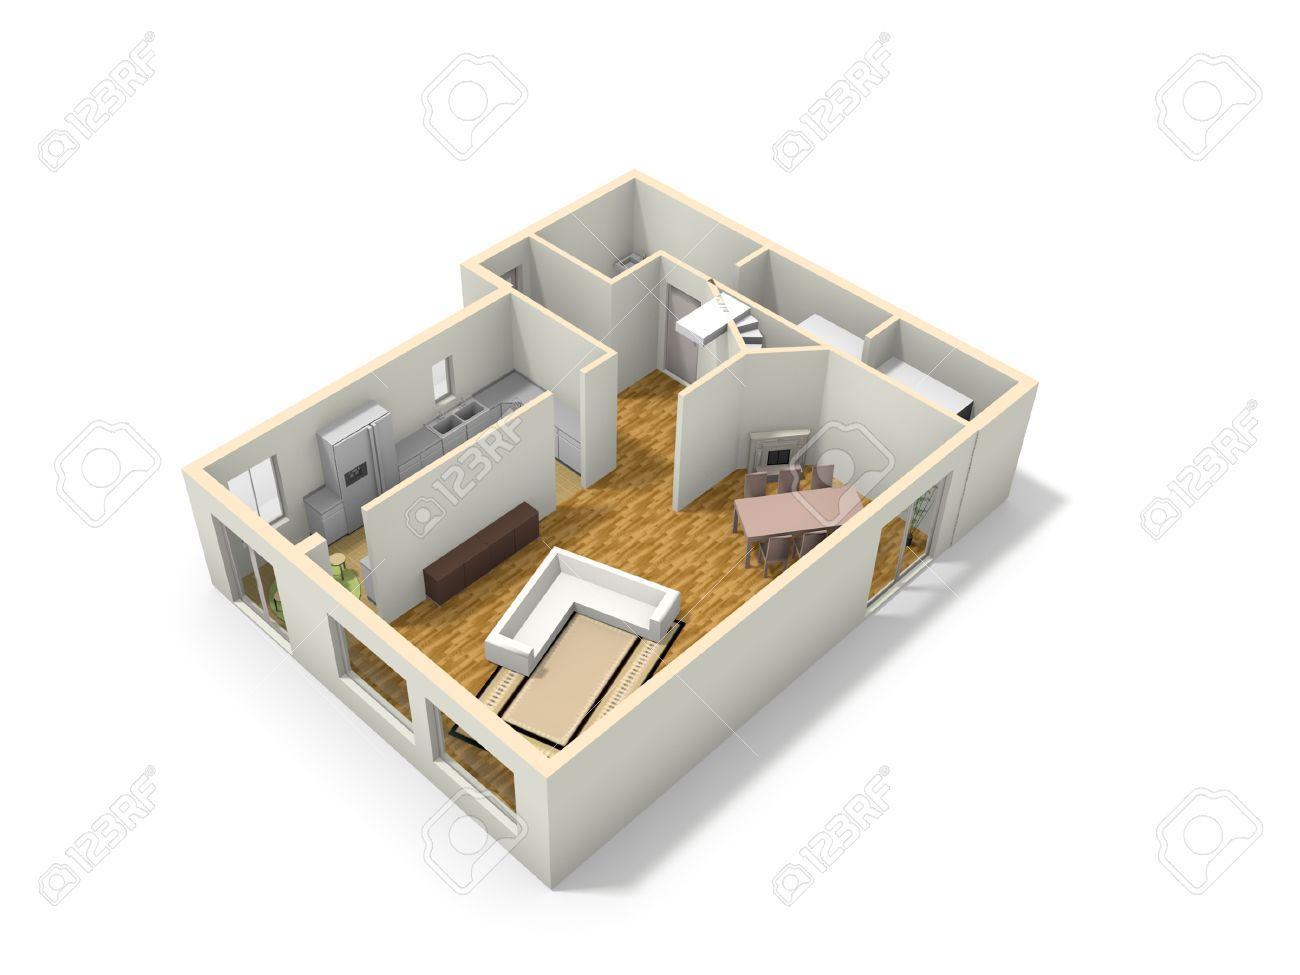 3D-Grundriss Des Hauses Mit Küche, Wohnzimmer, Esszimmer Rom, Bad ...